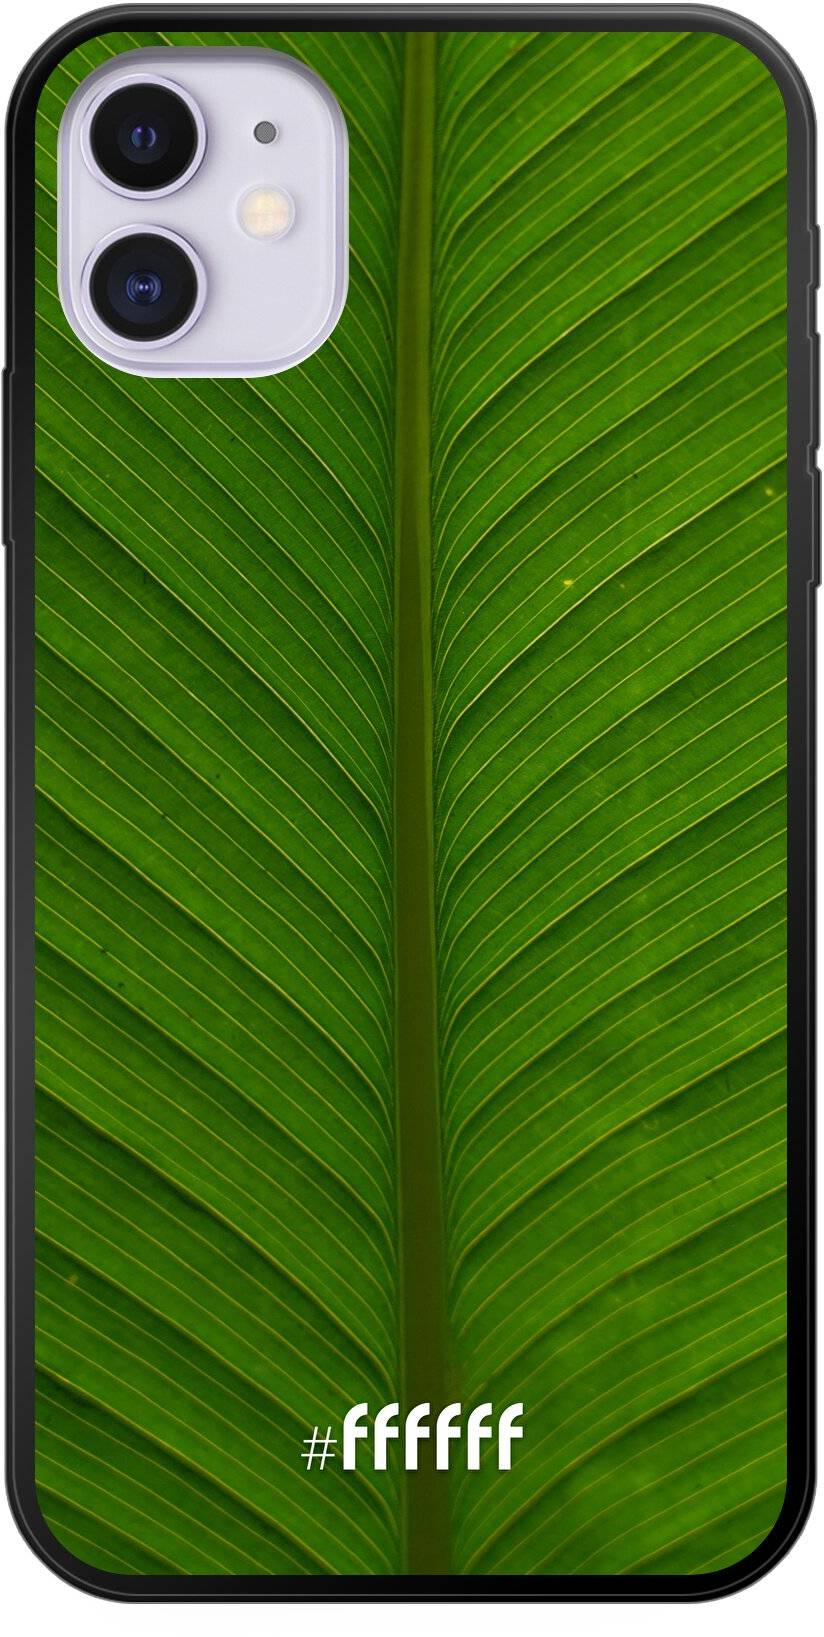 Unseen Green iPhone 11